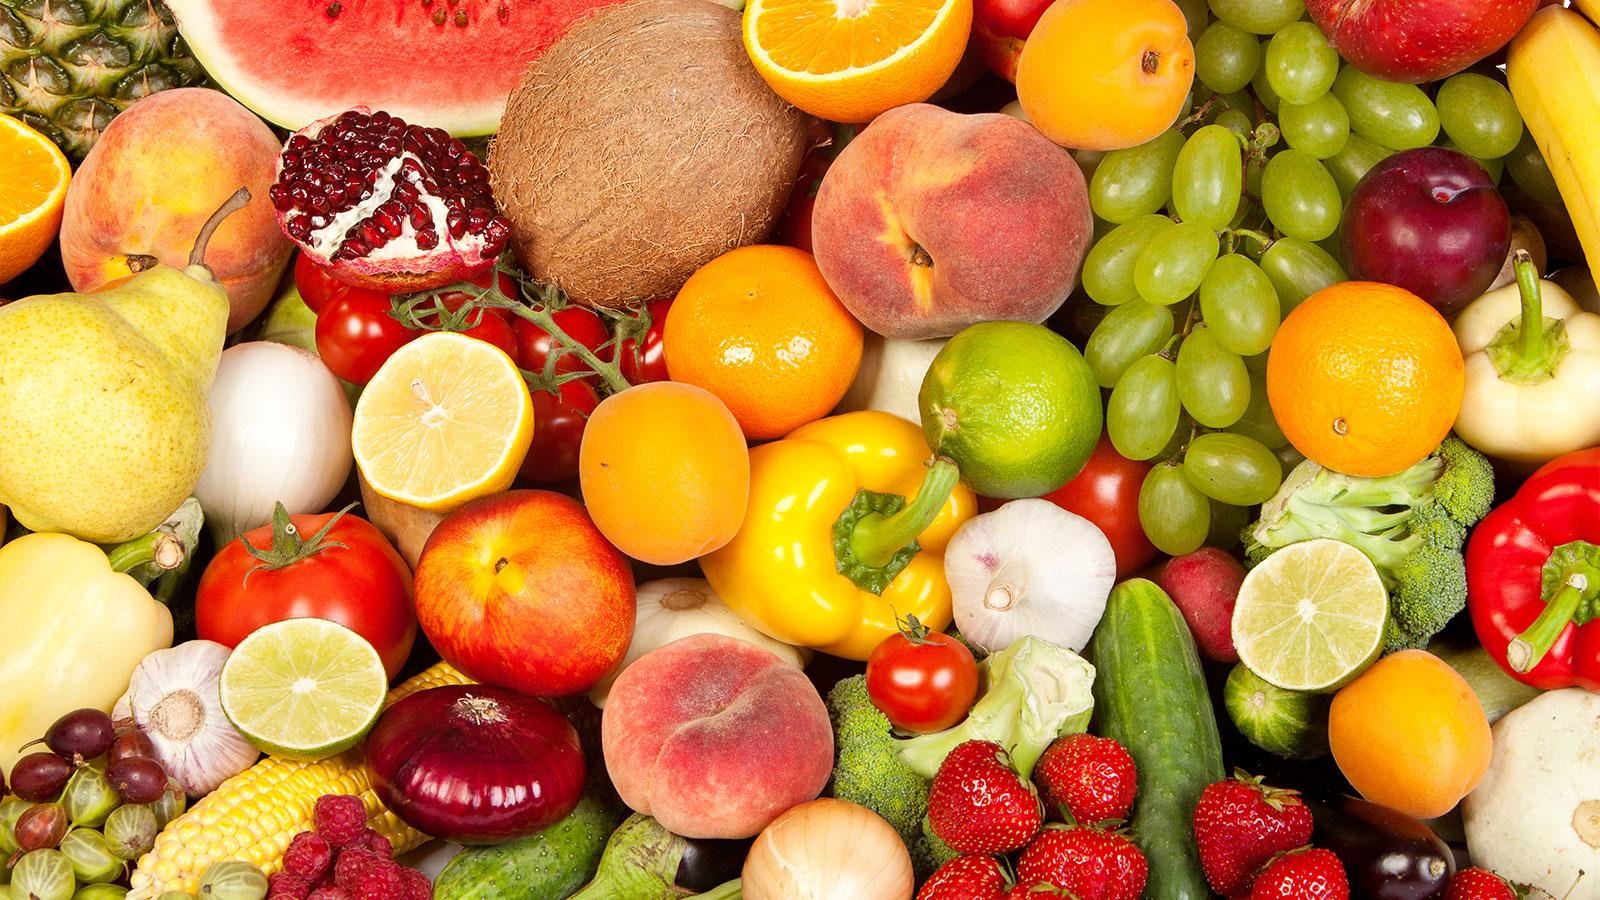 朝が効く?フルーツダイエットの効果と具体的な方法を紹介します